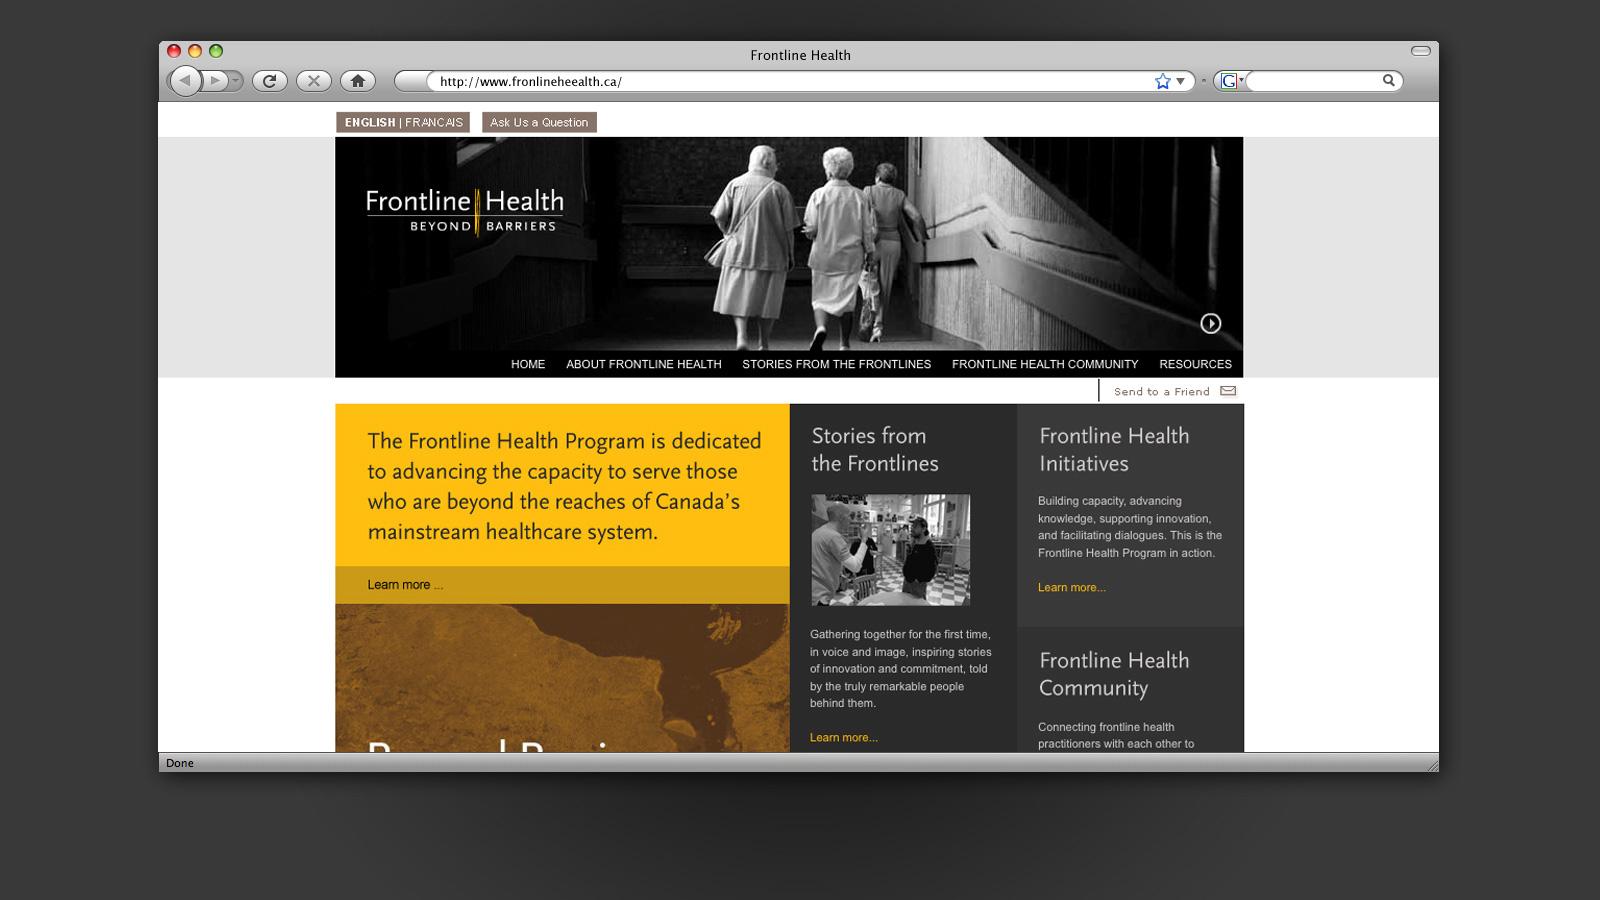 AstraZeneca Canada | Santé sur le terrain | Conception de sites Web / Développement, Design